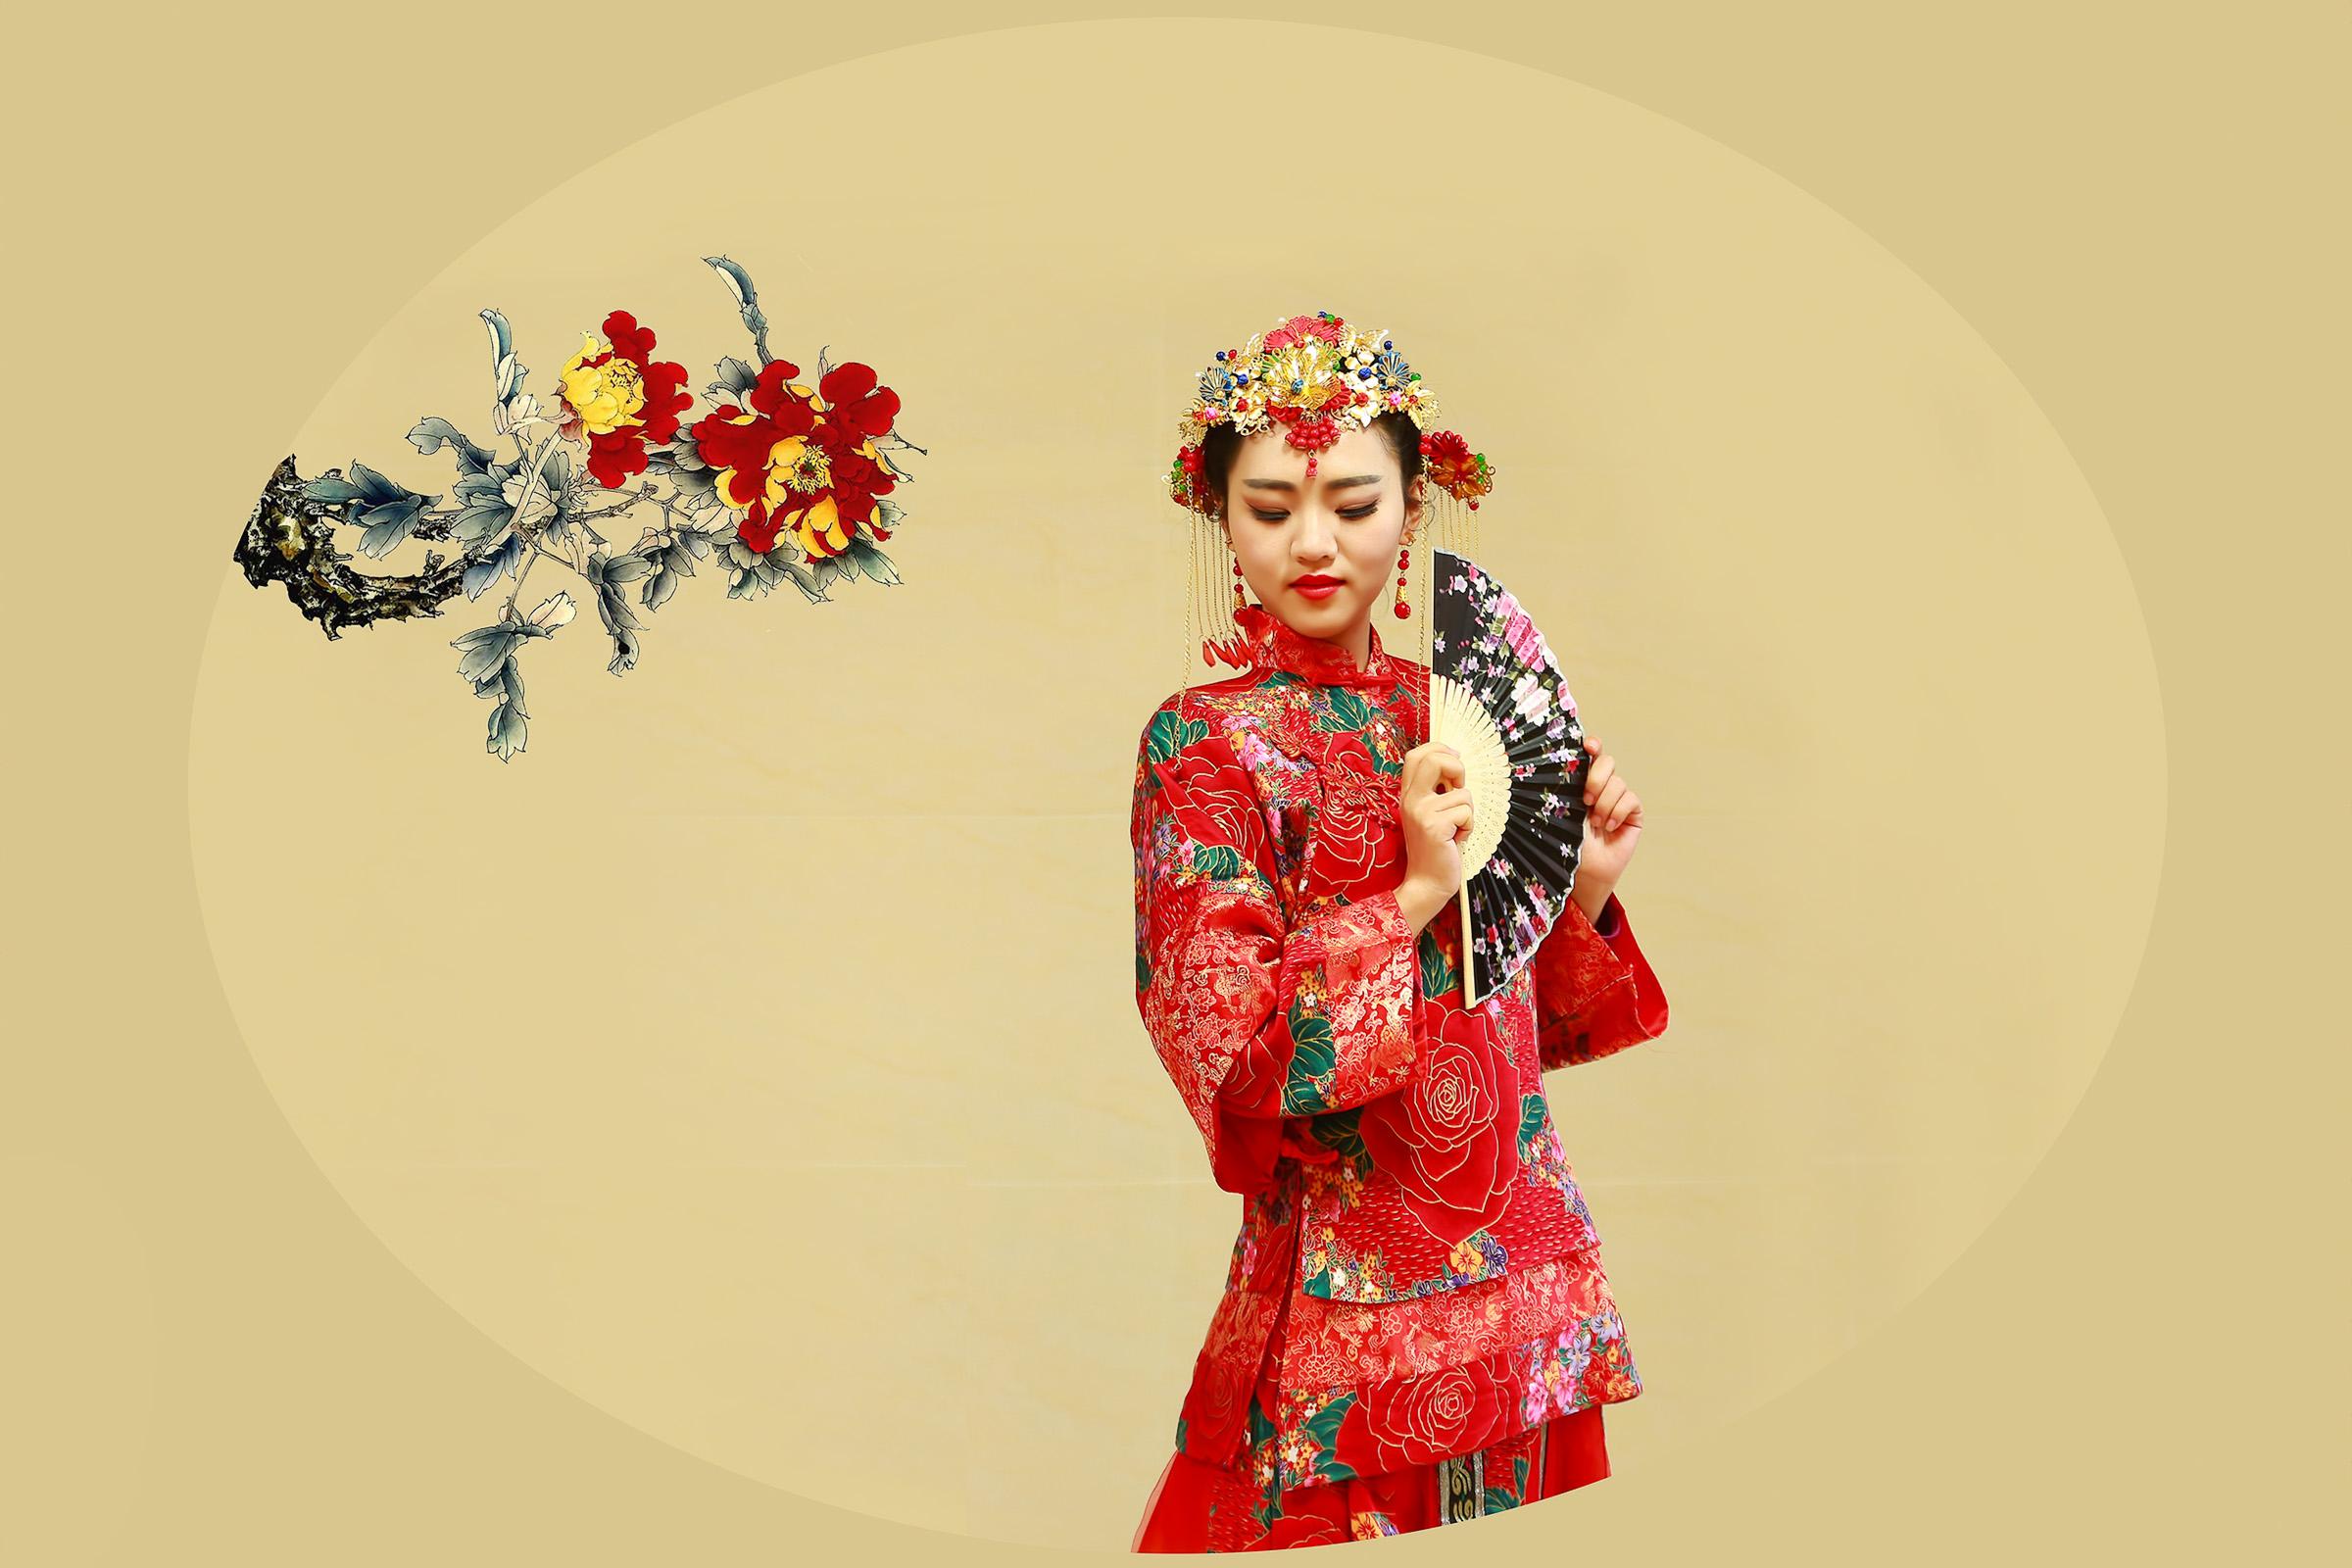 【制作音画人物素材二篇】古韵◆~女人花 - 浪漫人生 - .